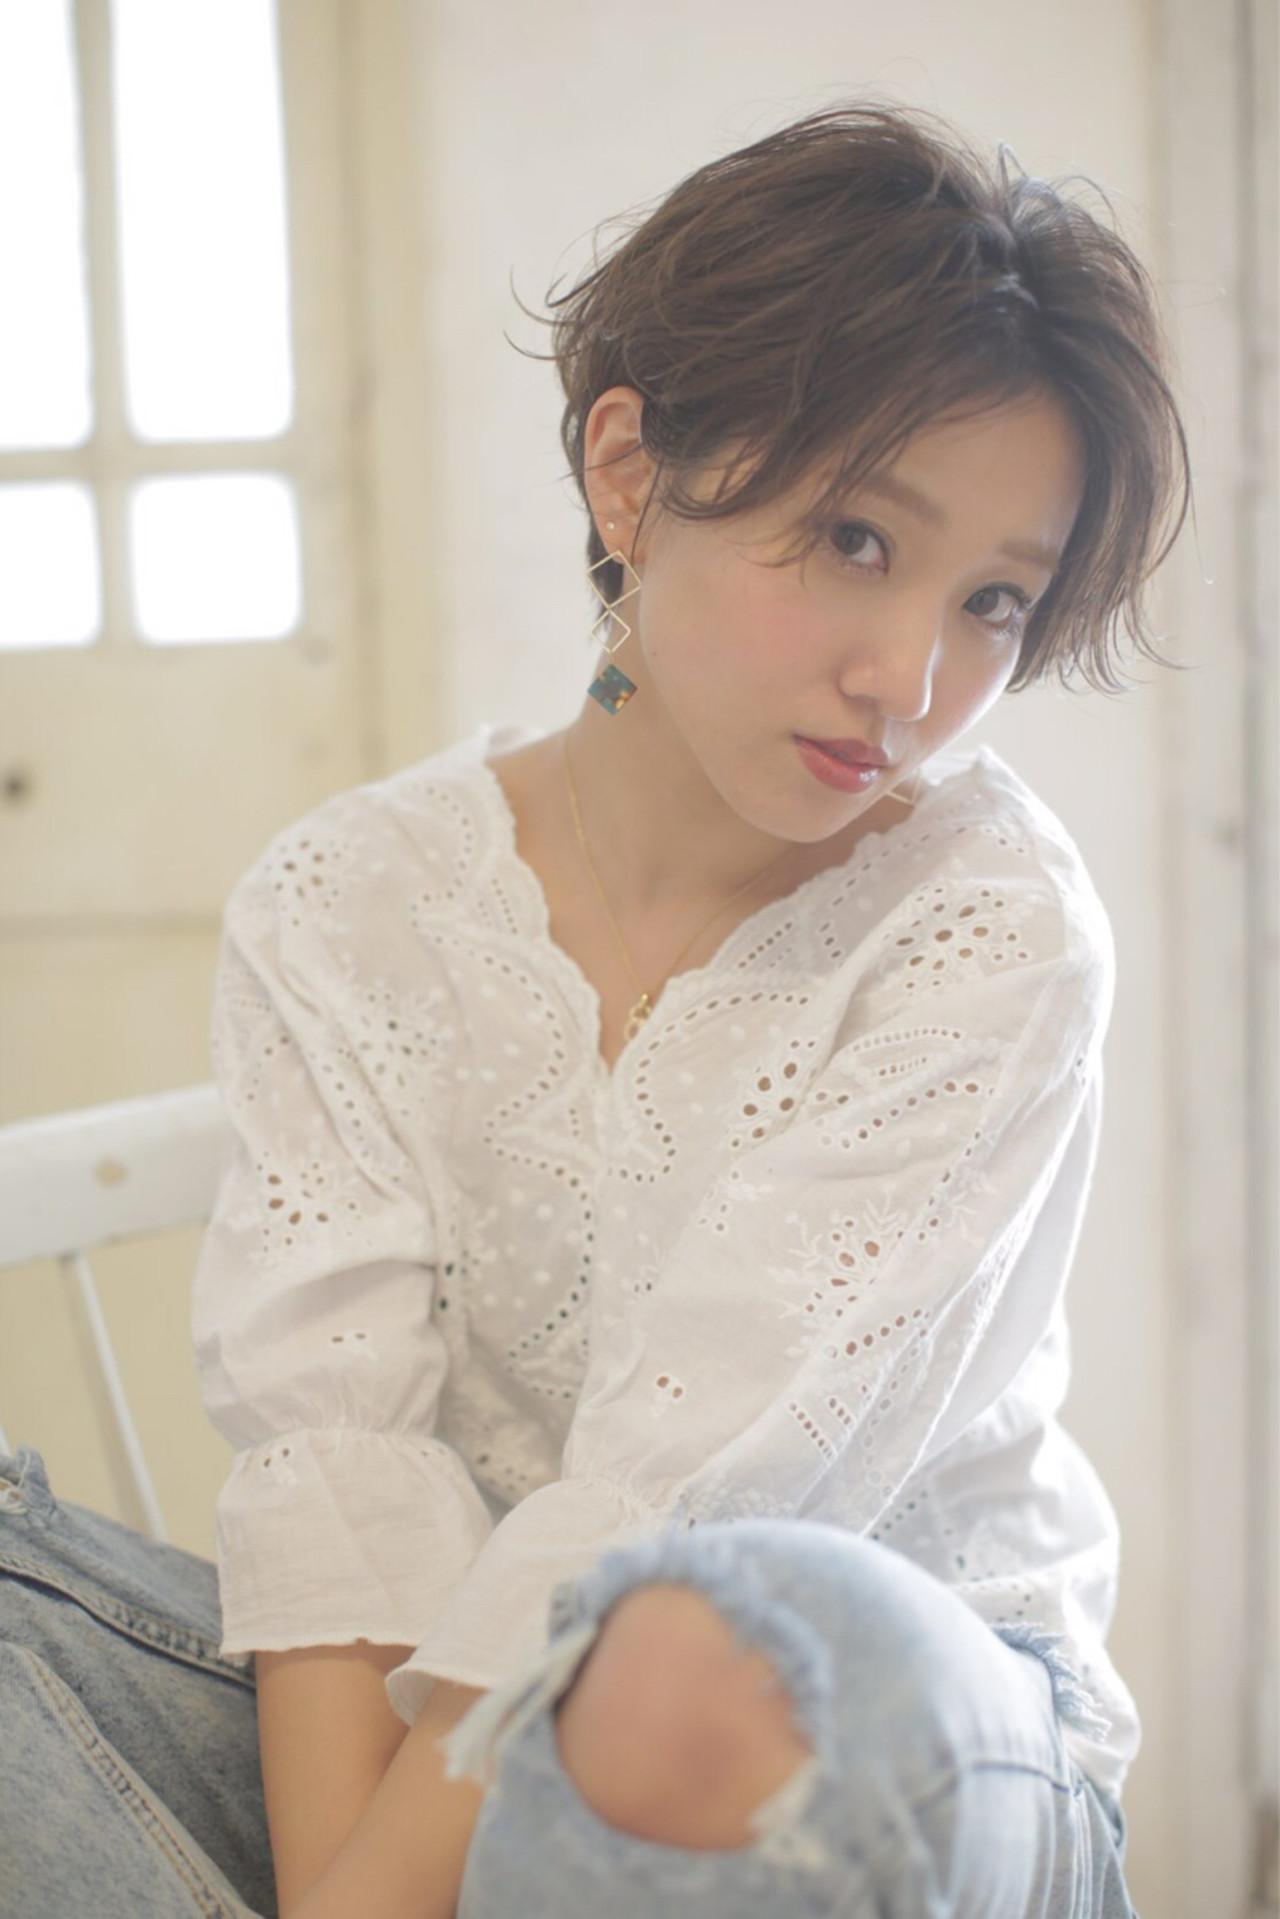 ウェットスタイルに仕上げる Ayumi